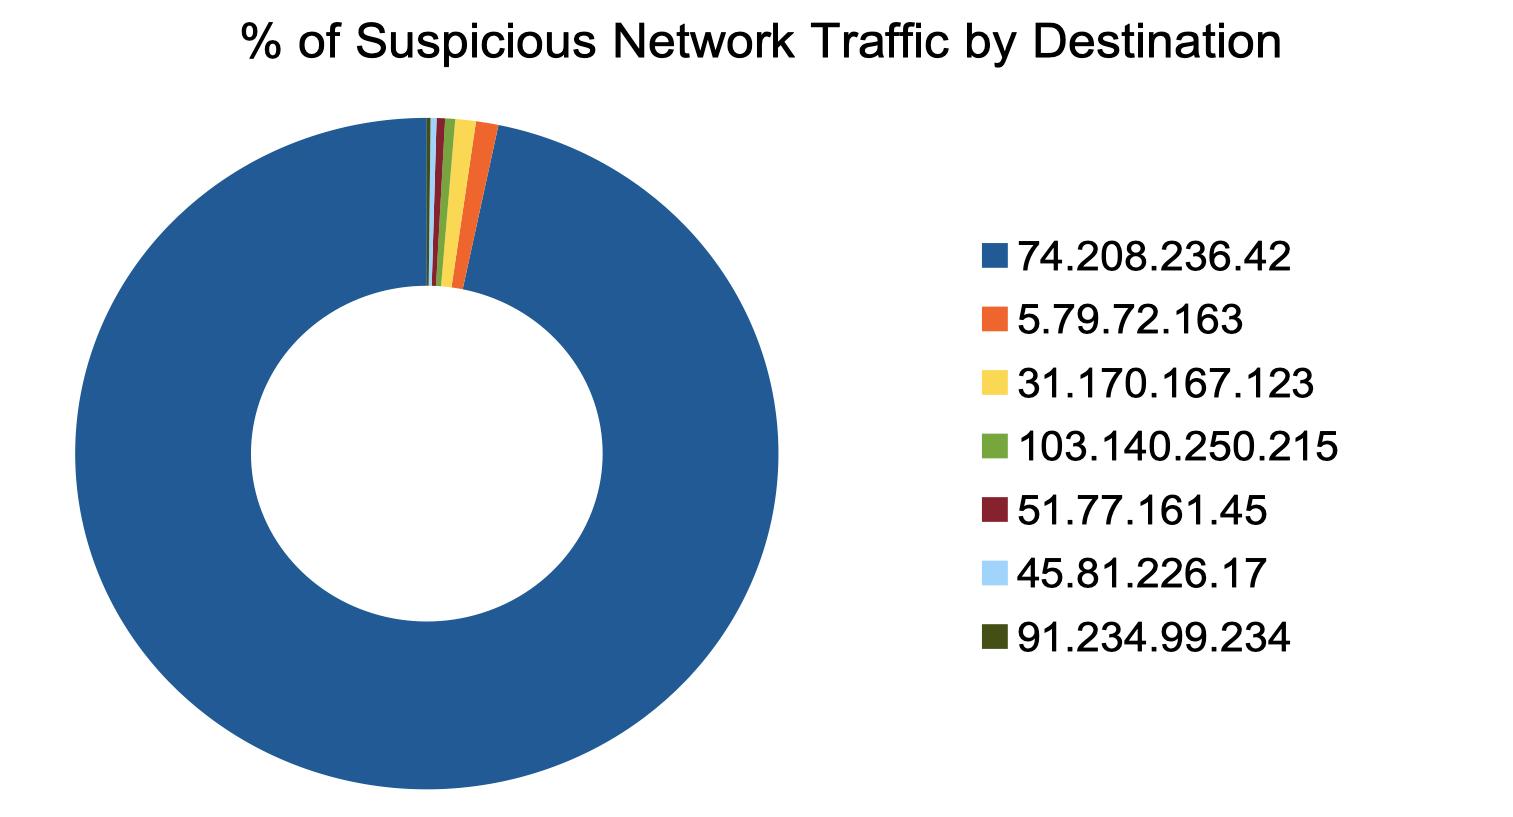 図 2 疑わしいネットワークトラフィックの内訳(%)